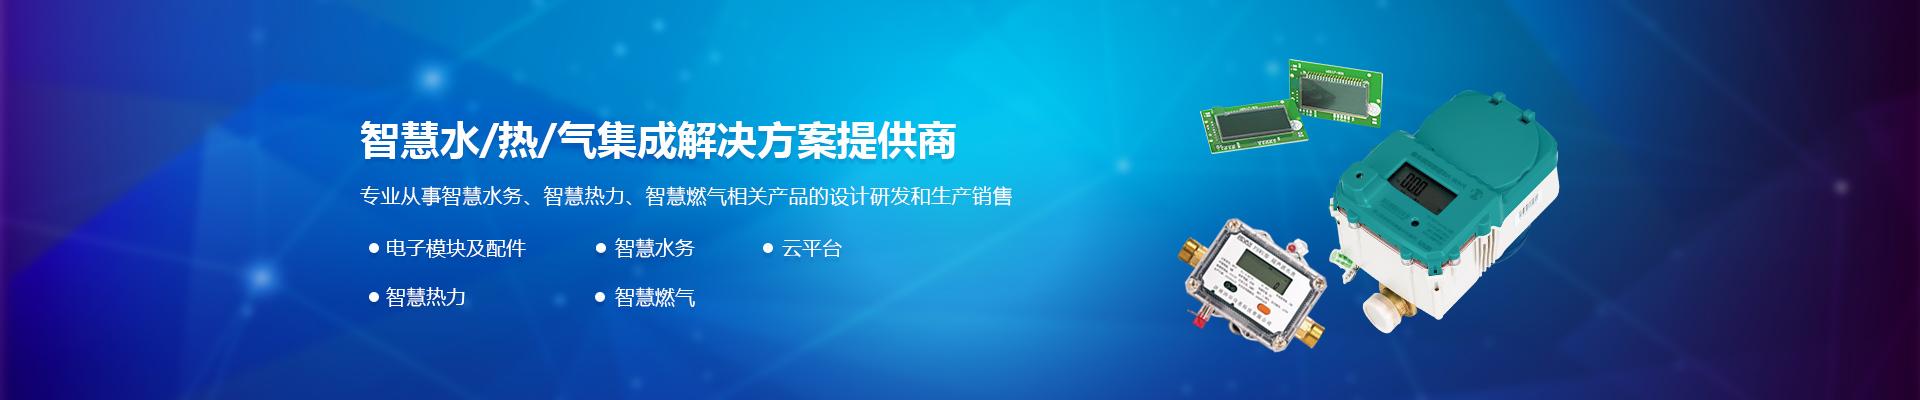 http://www.pevac.cn/data/upload/202101/20210128112639_475.jpg